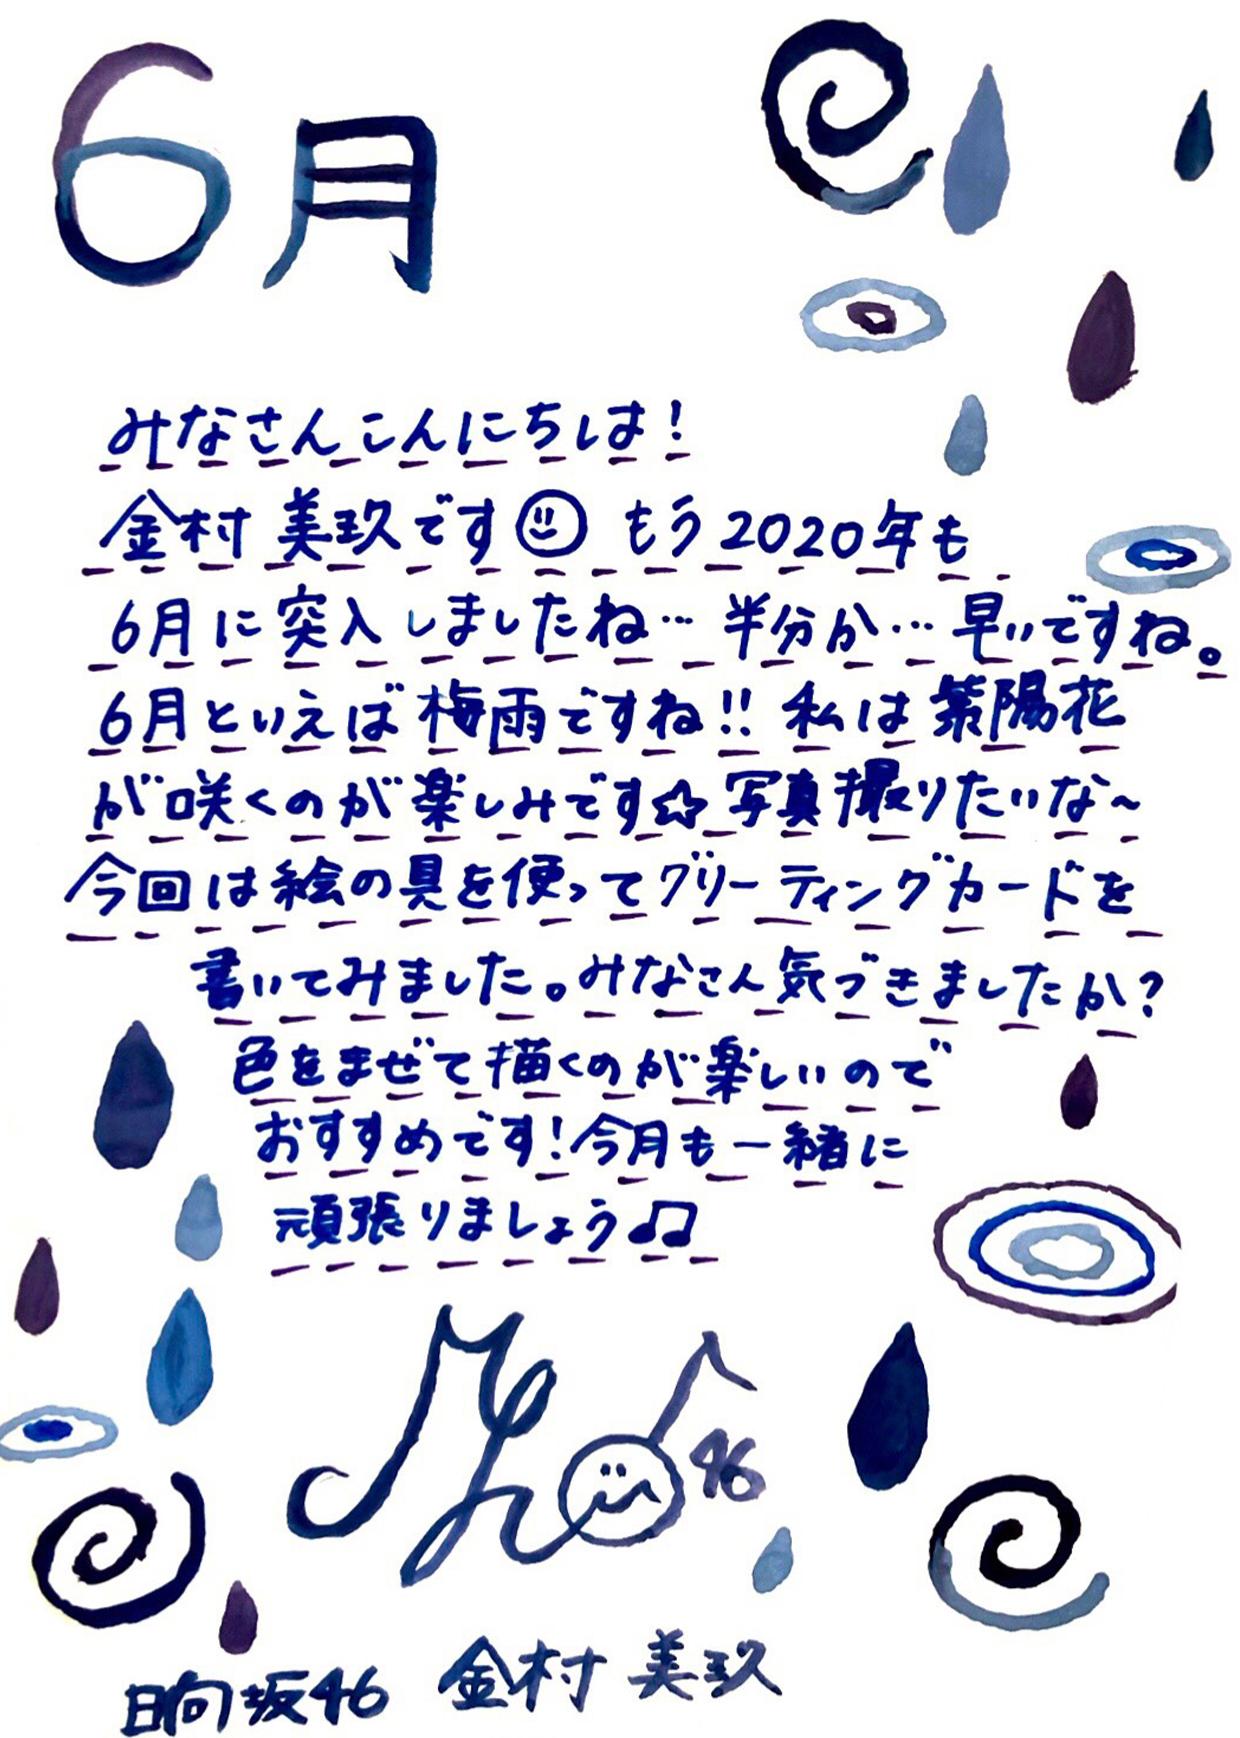 【日向坂46】金村美玖応援スレ★22【おみく】 YouTube動画>3本 ->画像>171枚